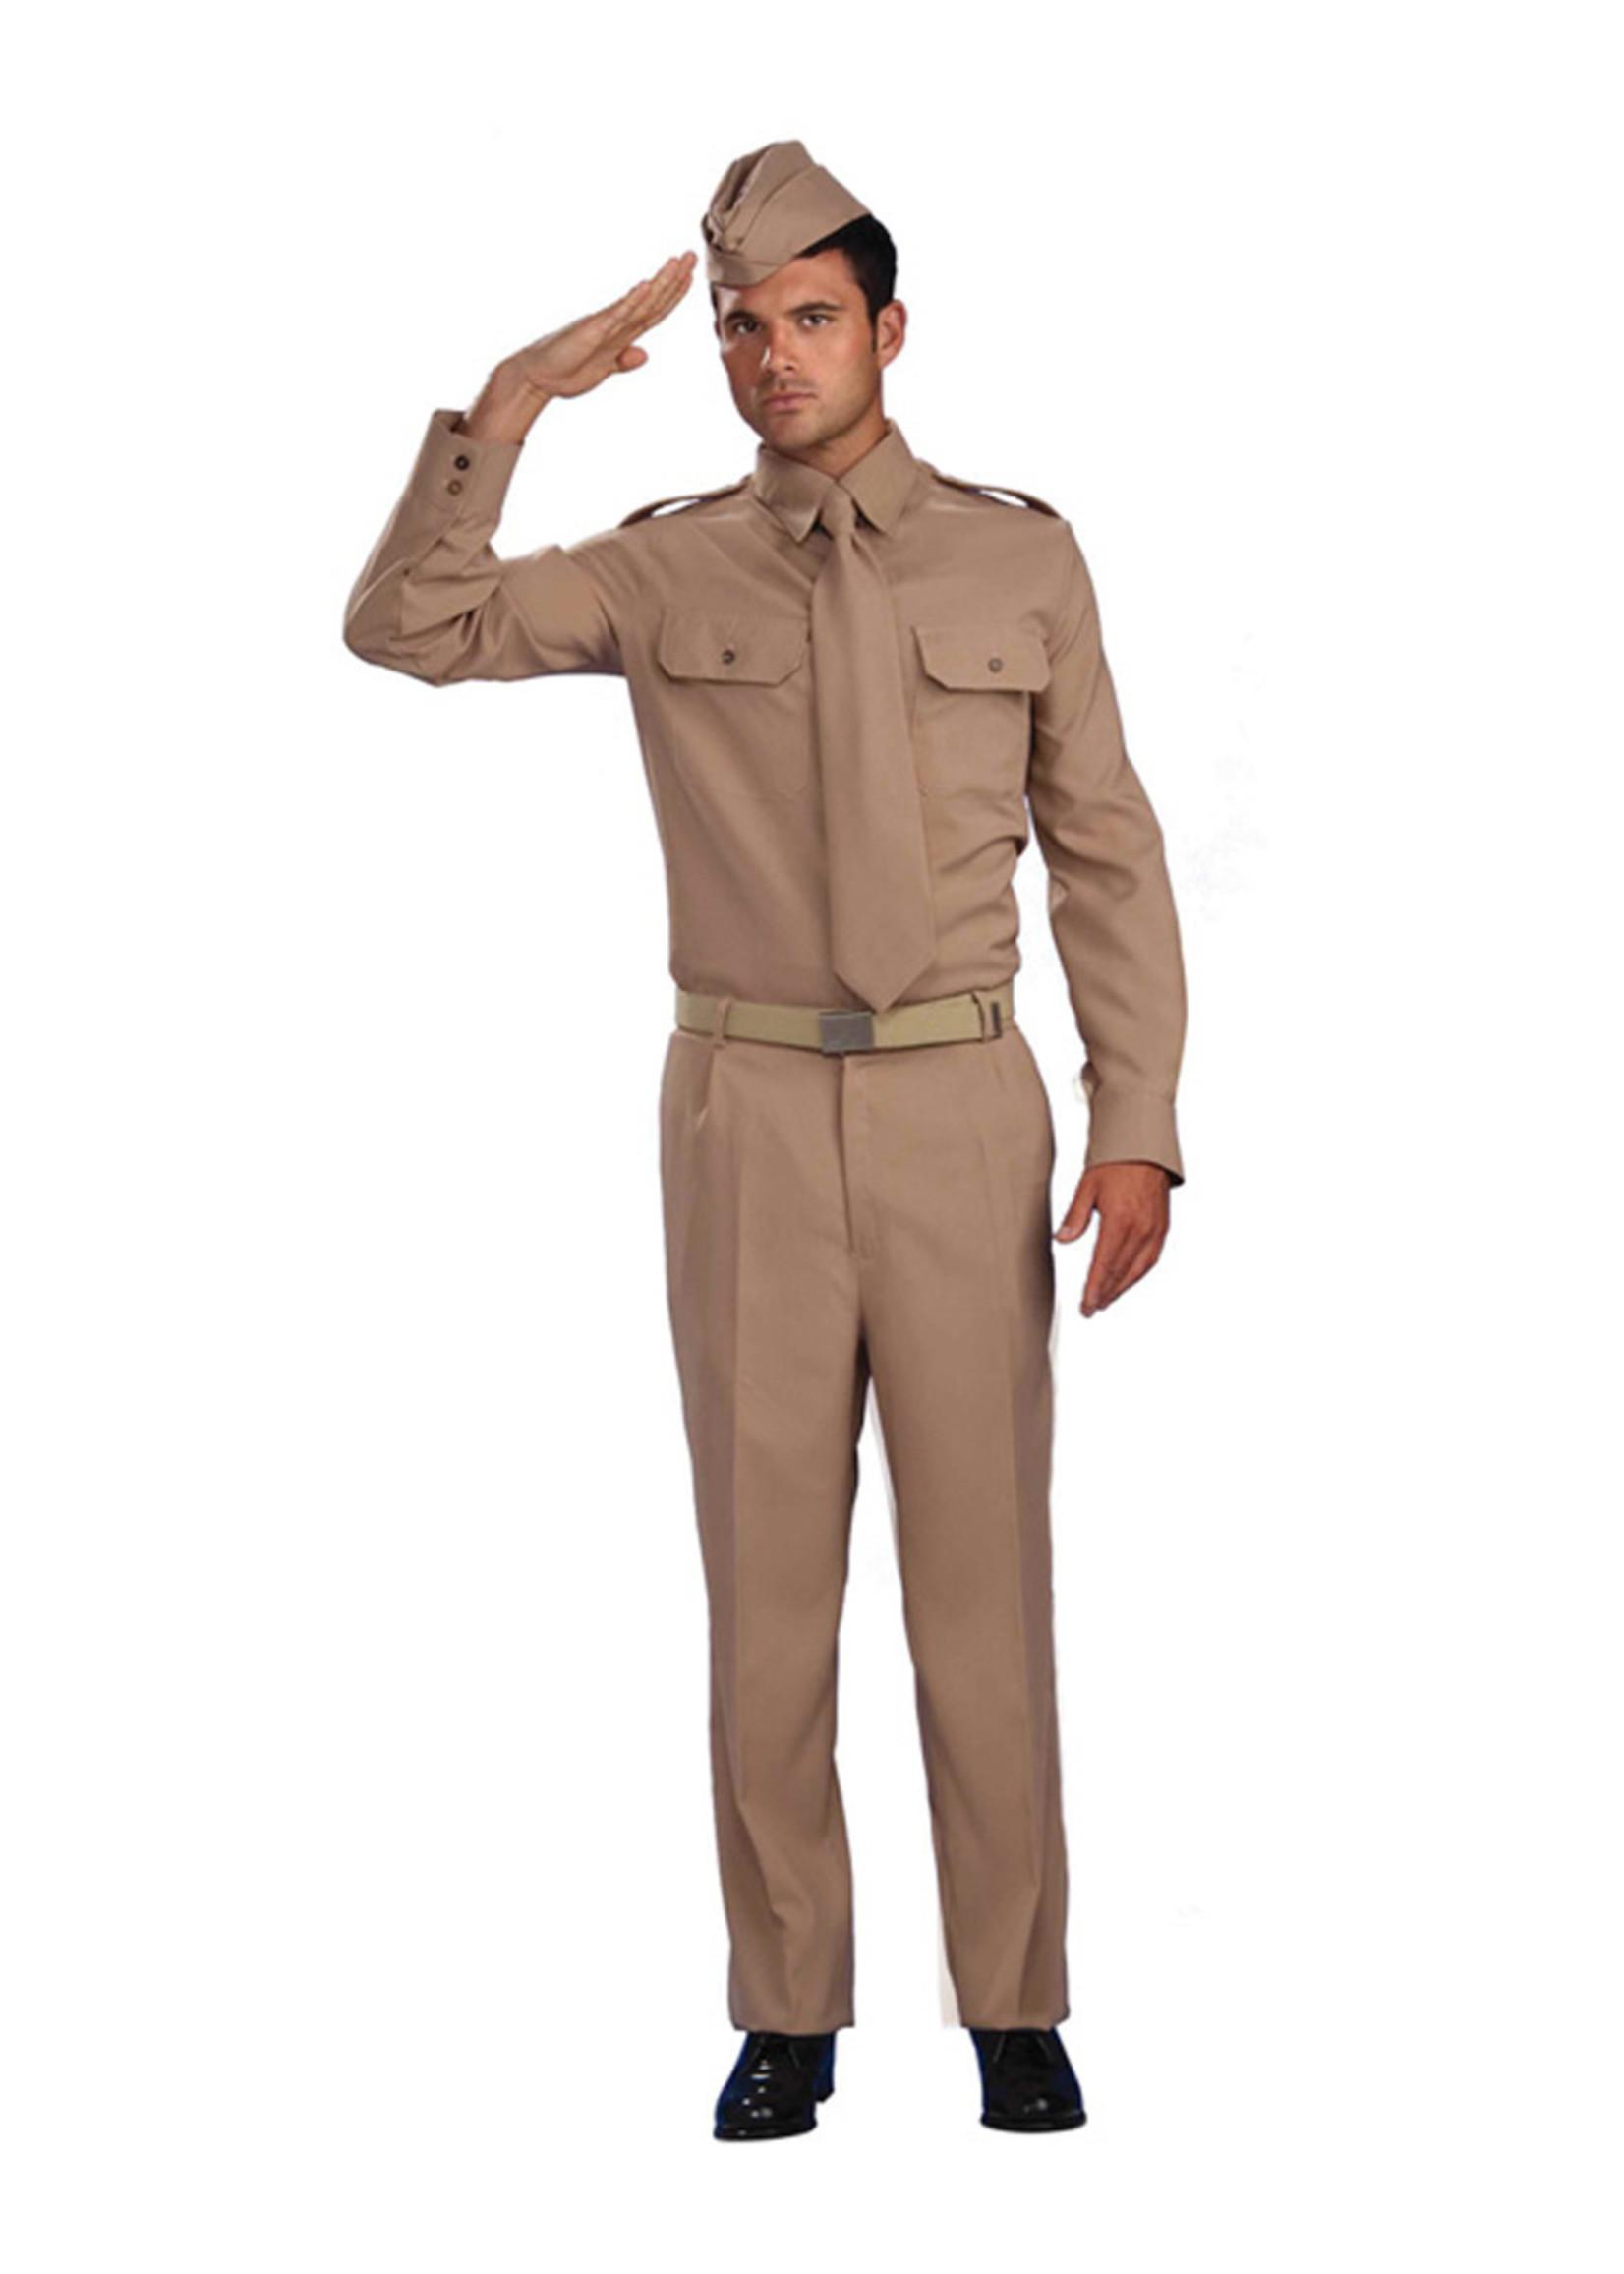 WW2 Private Costume - Men's